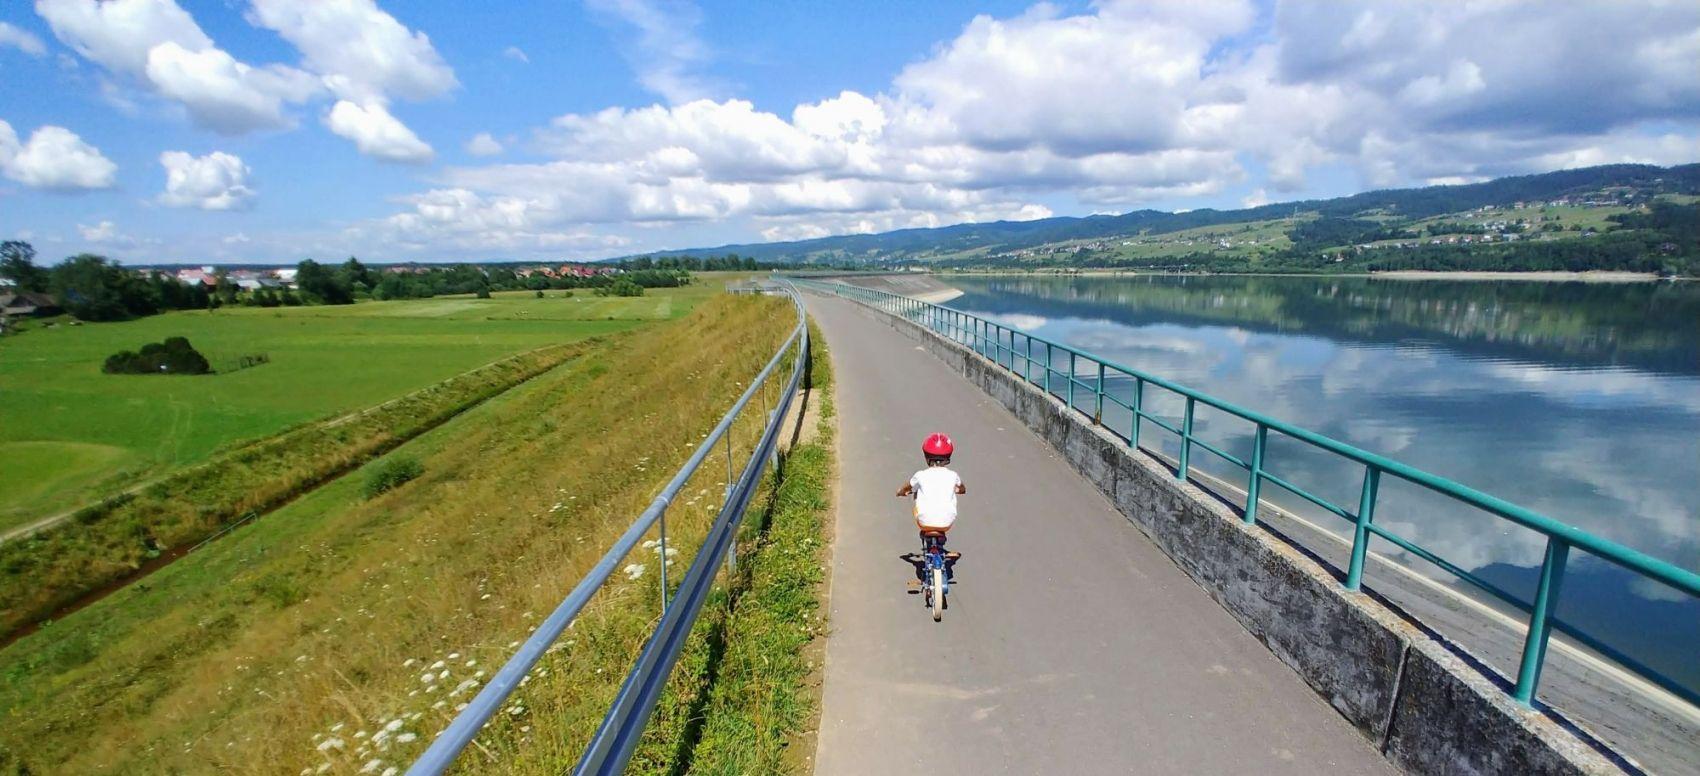 Zdjęcie przedstawia dziecko jadące trasą VeloDunajec